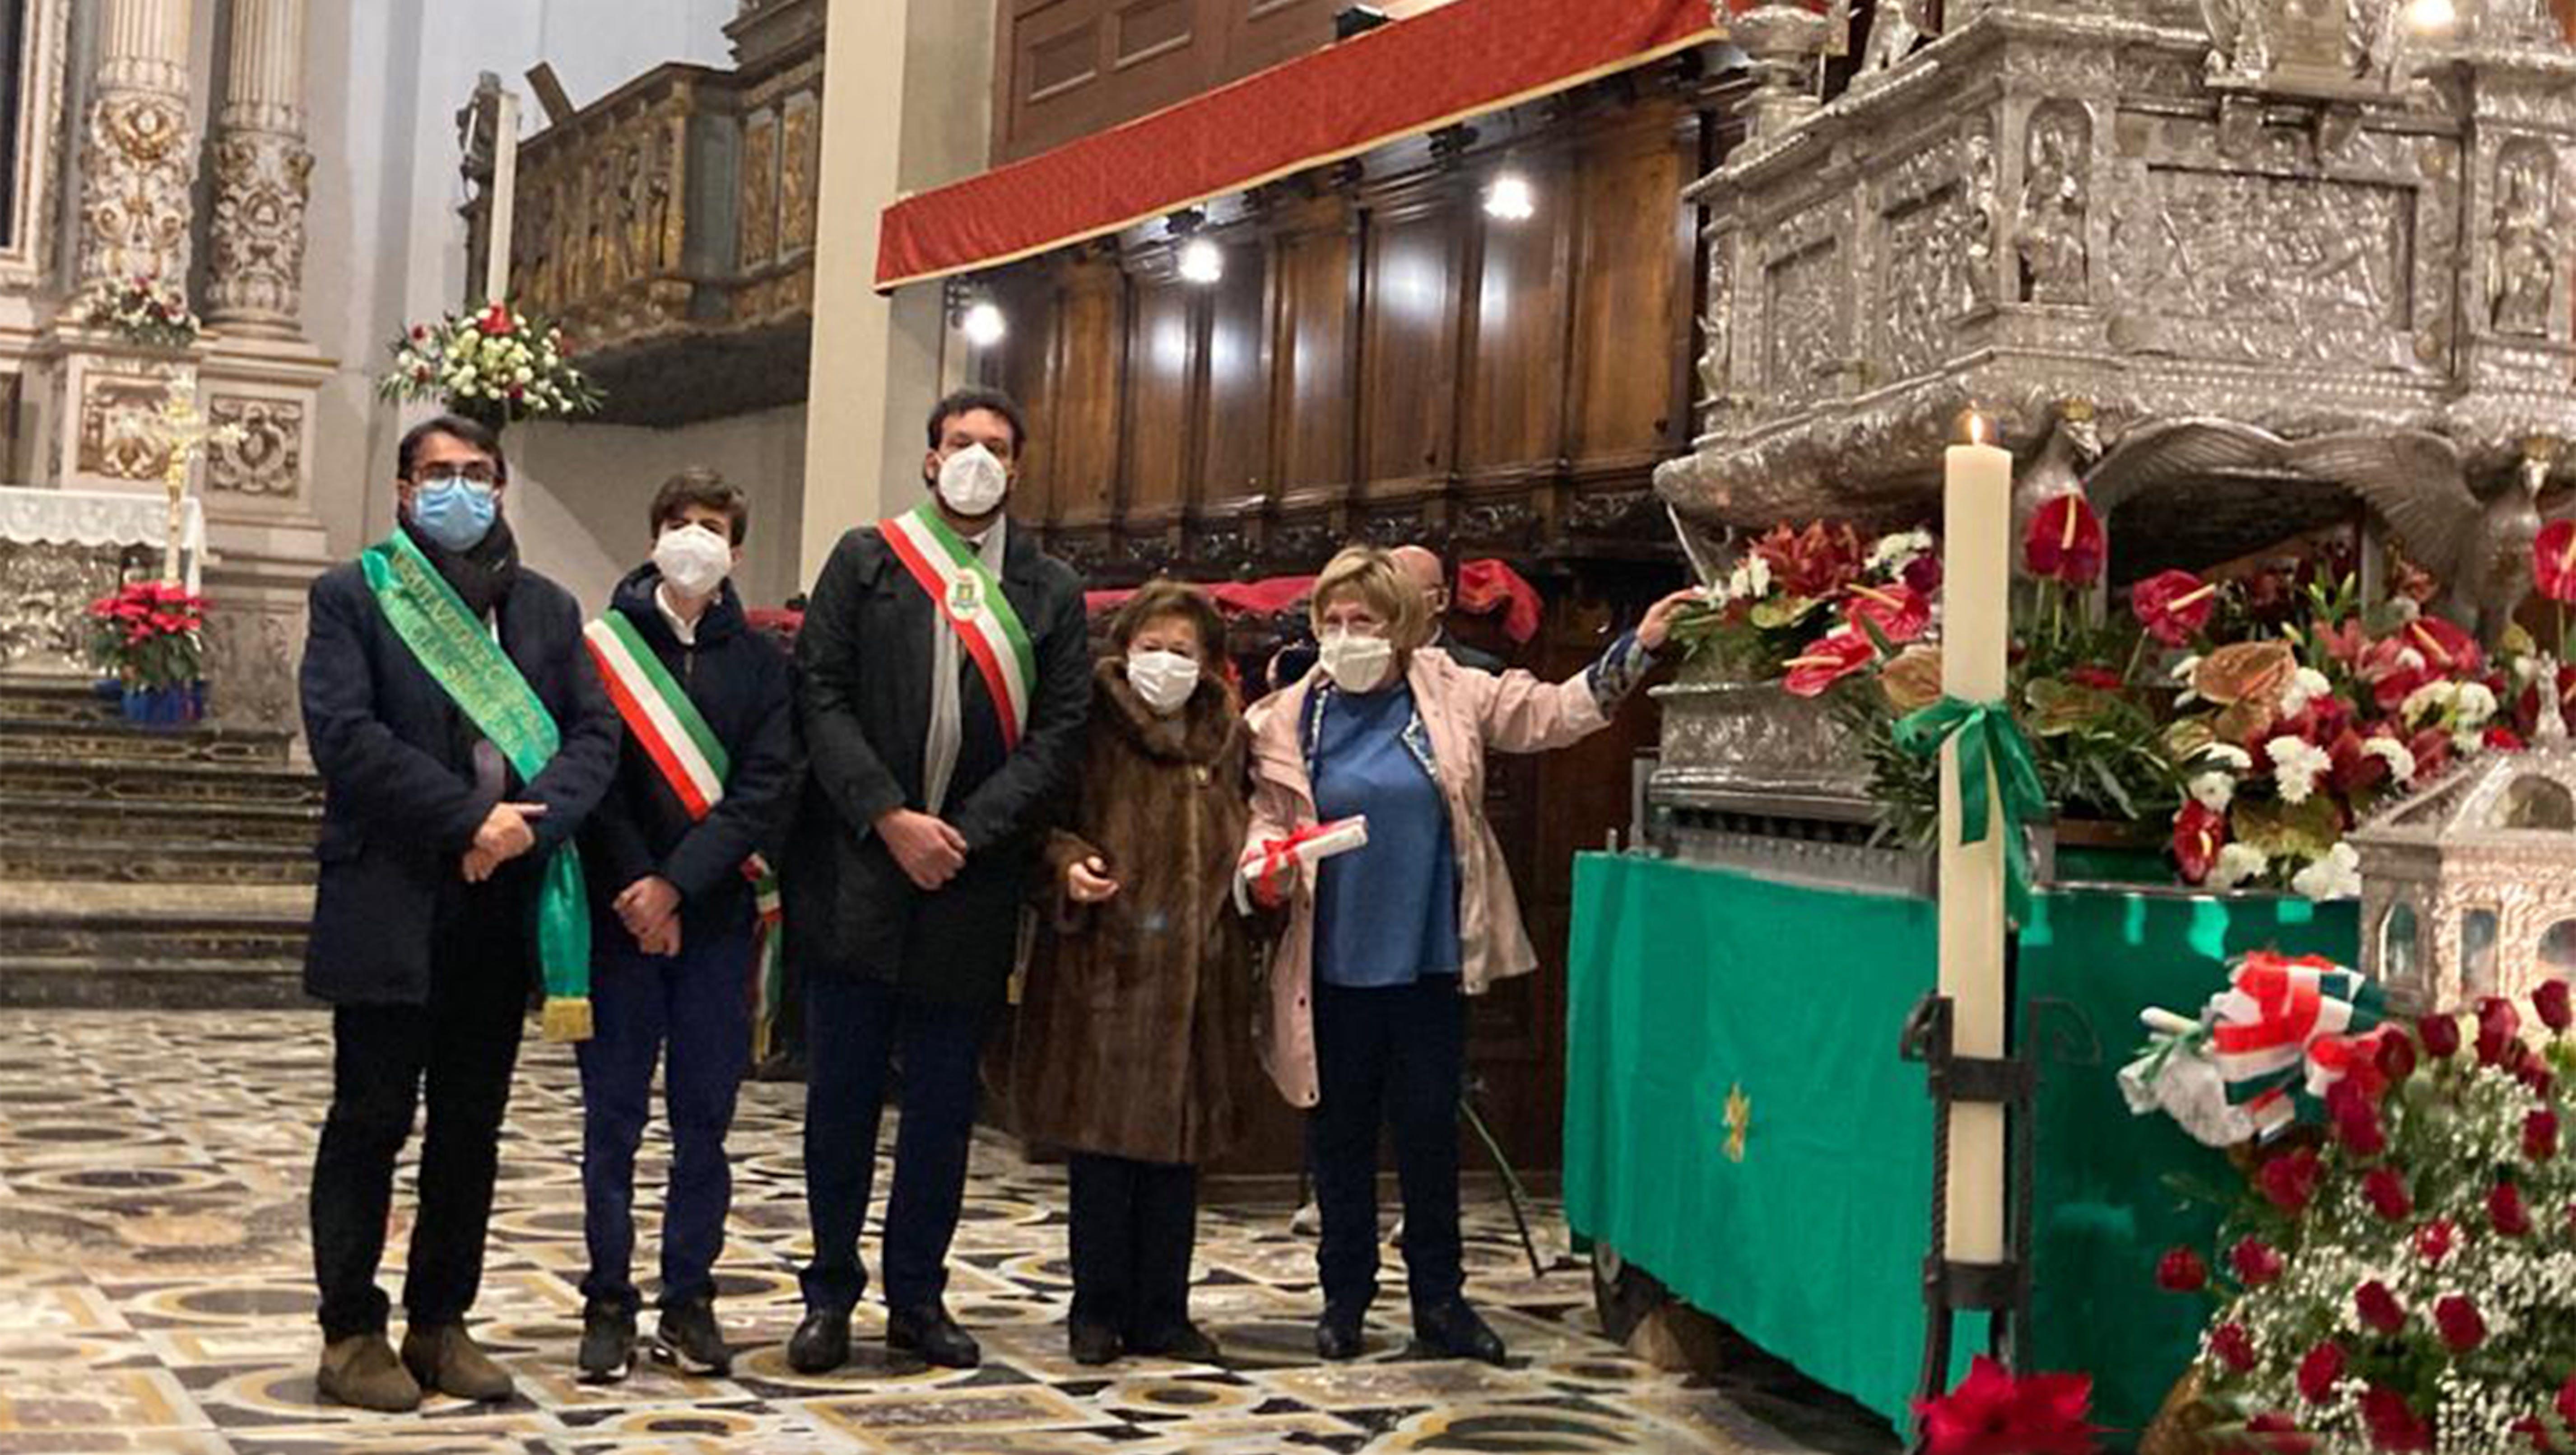 Il nostro Presidente dell'UNICEF Carmela Pace con il sindaco Francesco Italia nella cattedrale di Siracusairalongo, Francesco Italia, Carmela Pace, Pina Cannizzo@2x